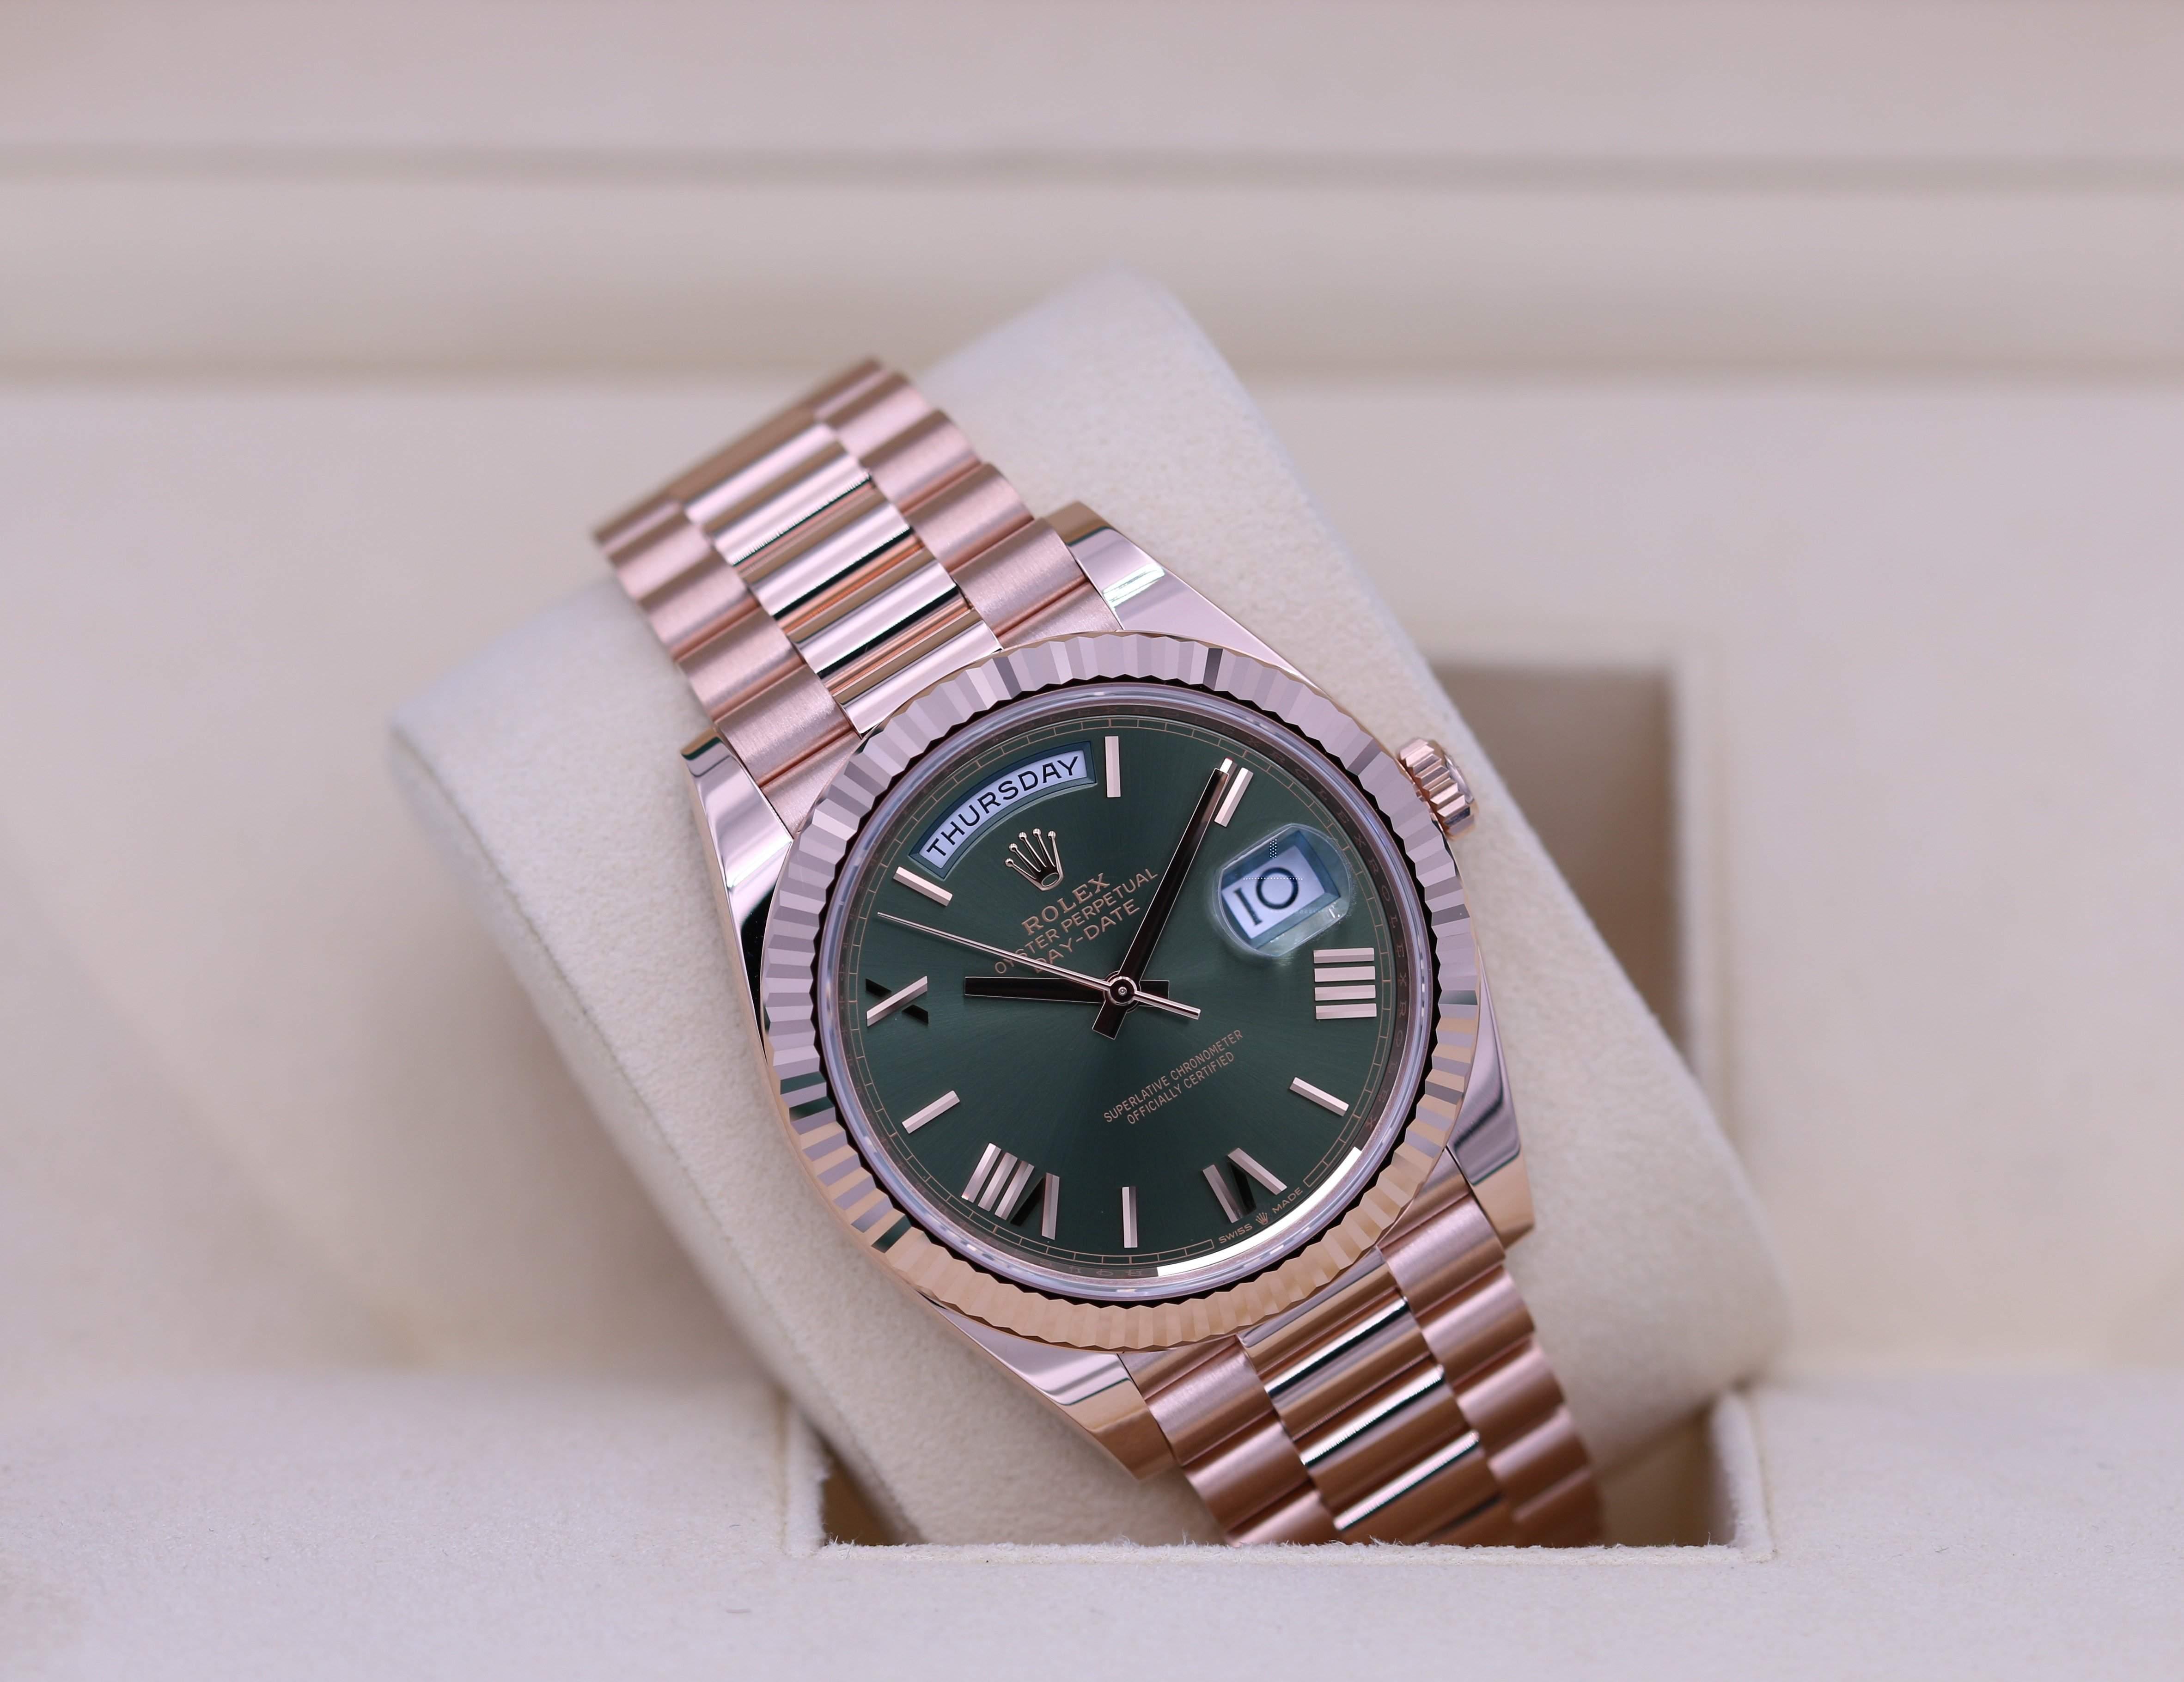 Rolex Day-Date in Rose Gold